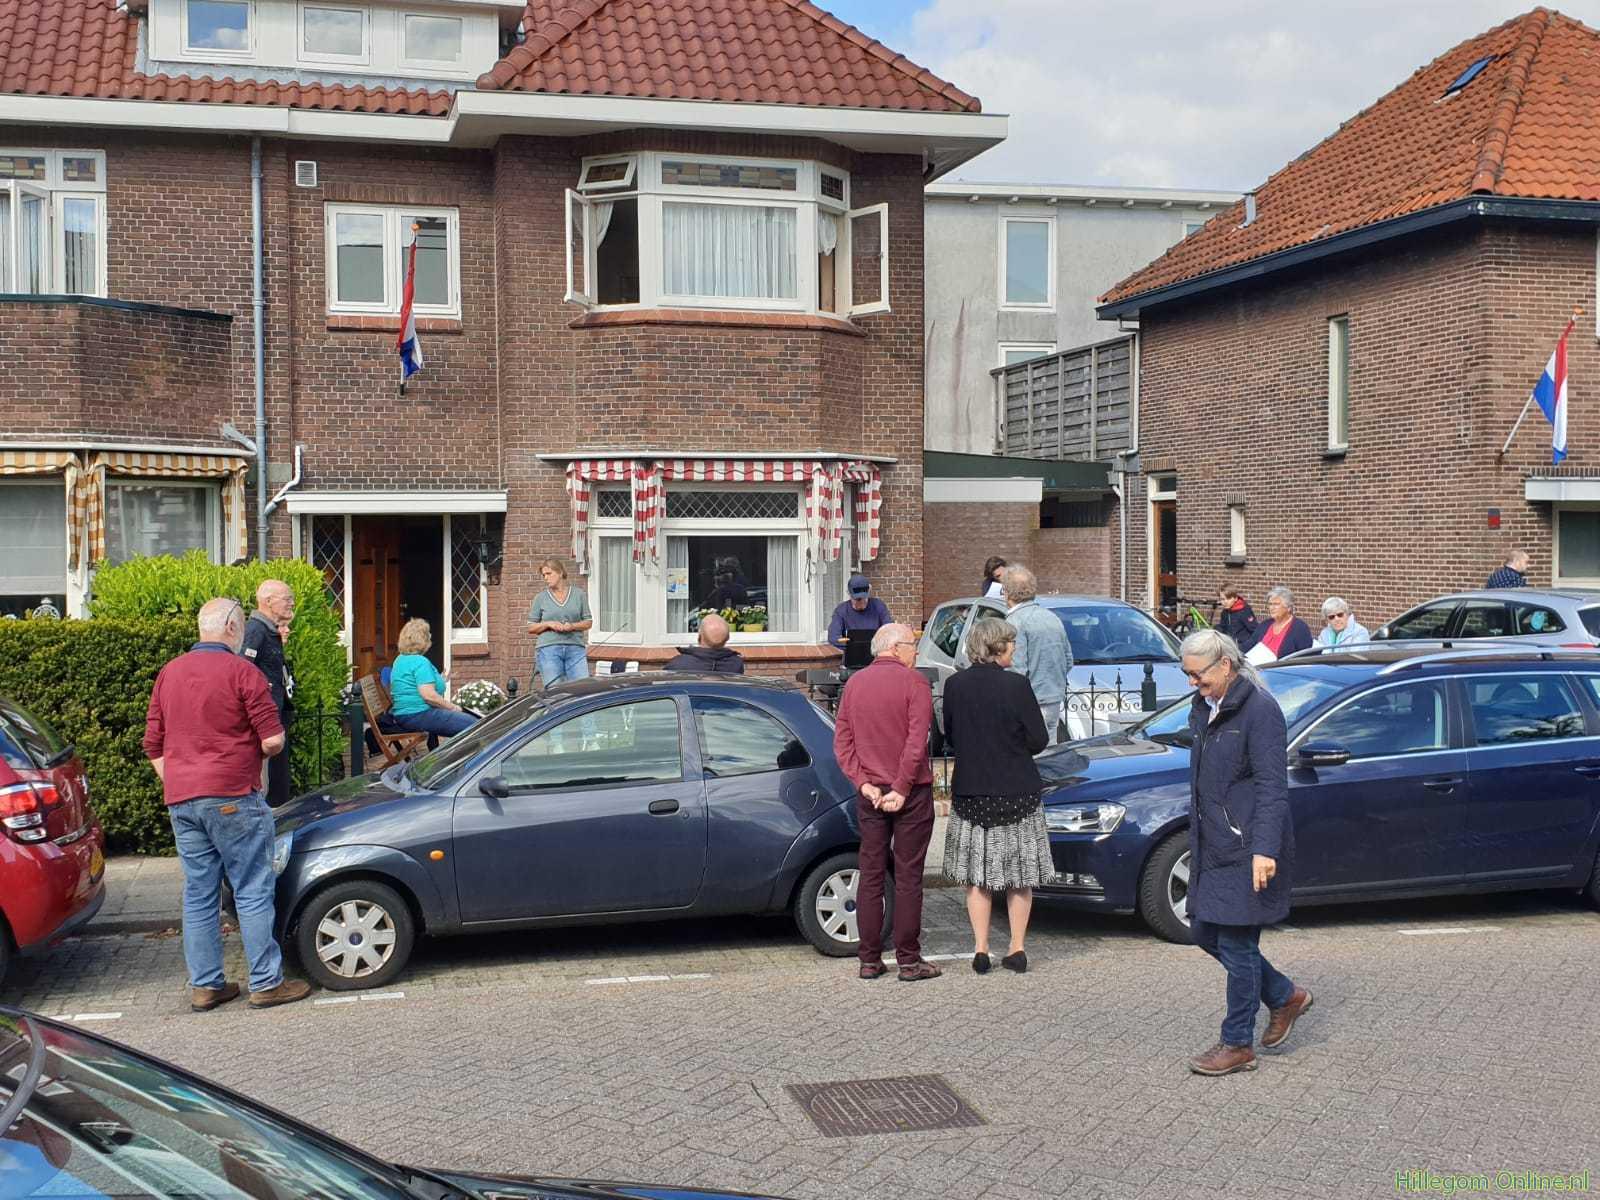 200505-Bevrijdingsdag-straatconcert-Corine-Zijderveld-109